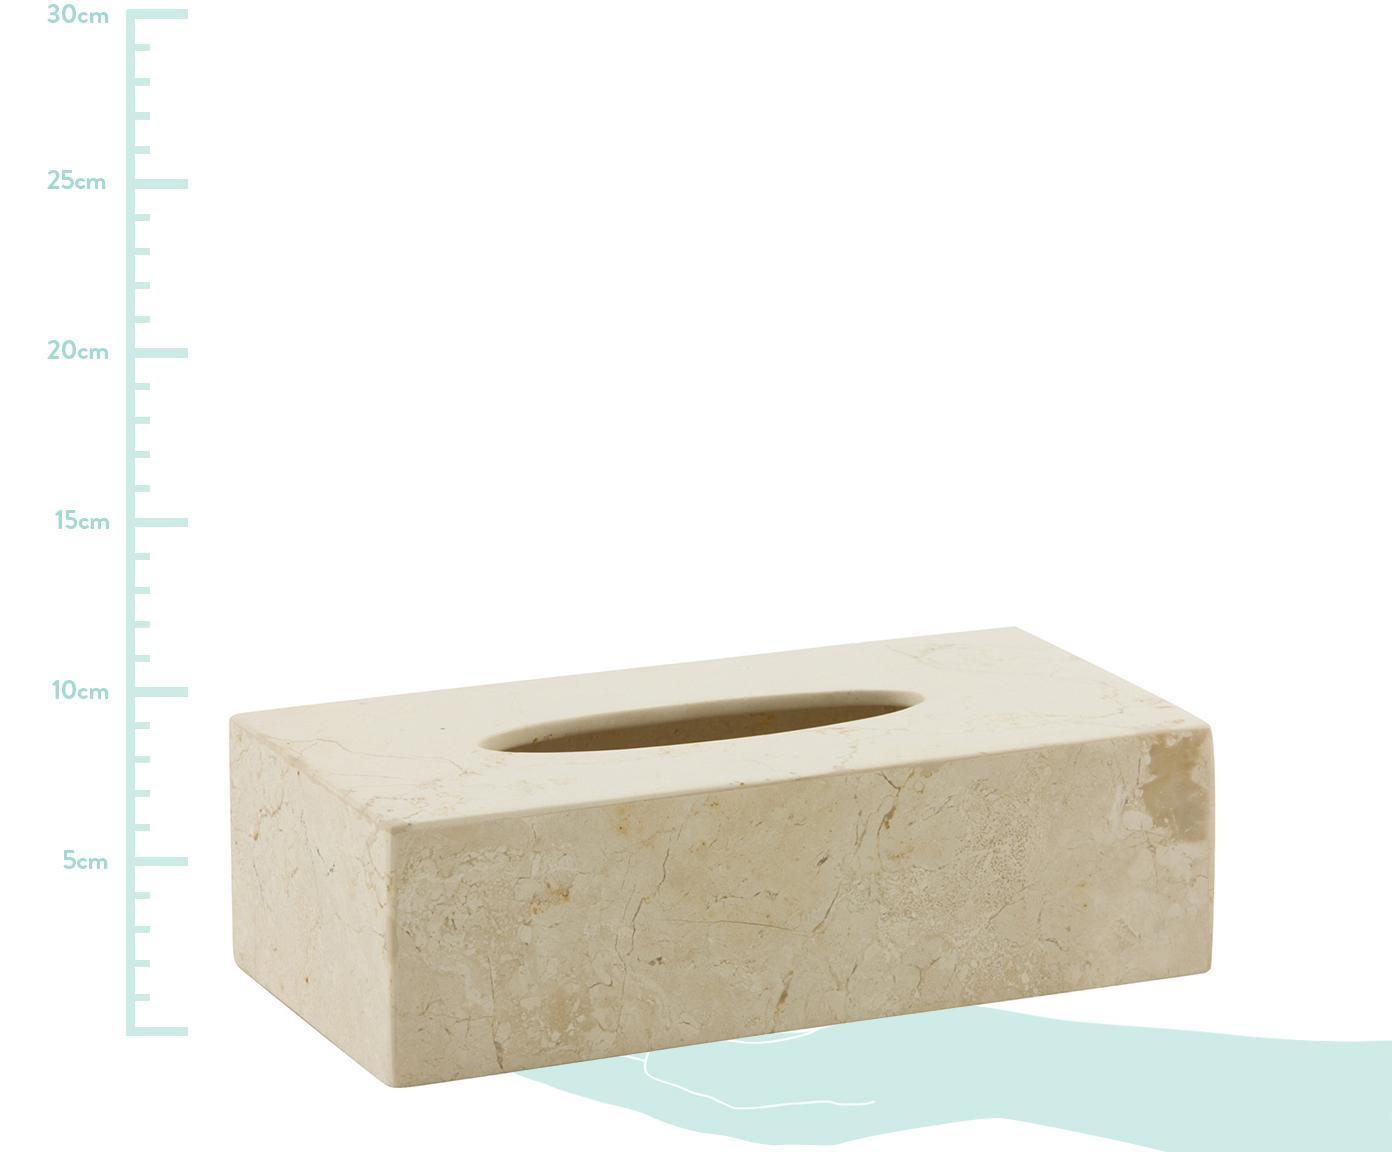 Marmeren tissuebox Luxor, Marmer, Beige, 26 x 8 cm